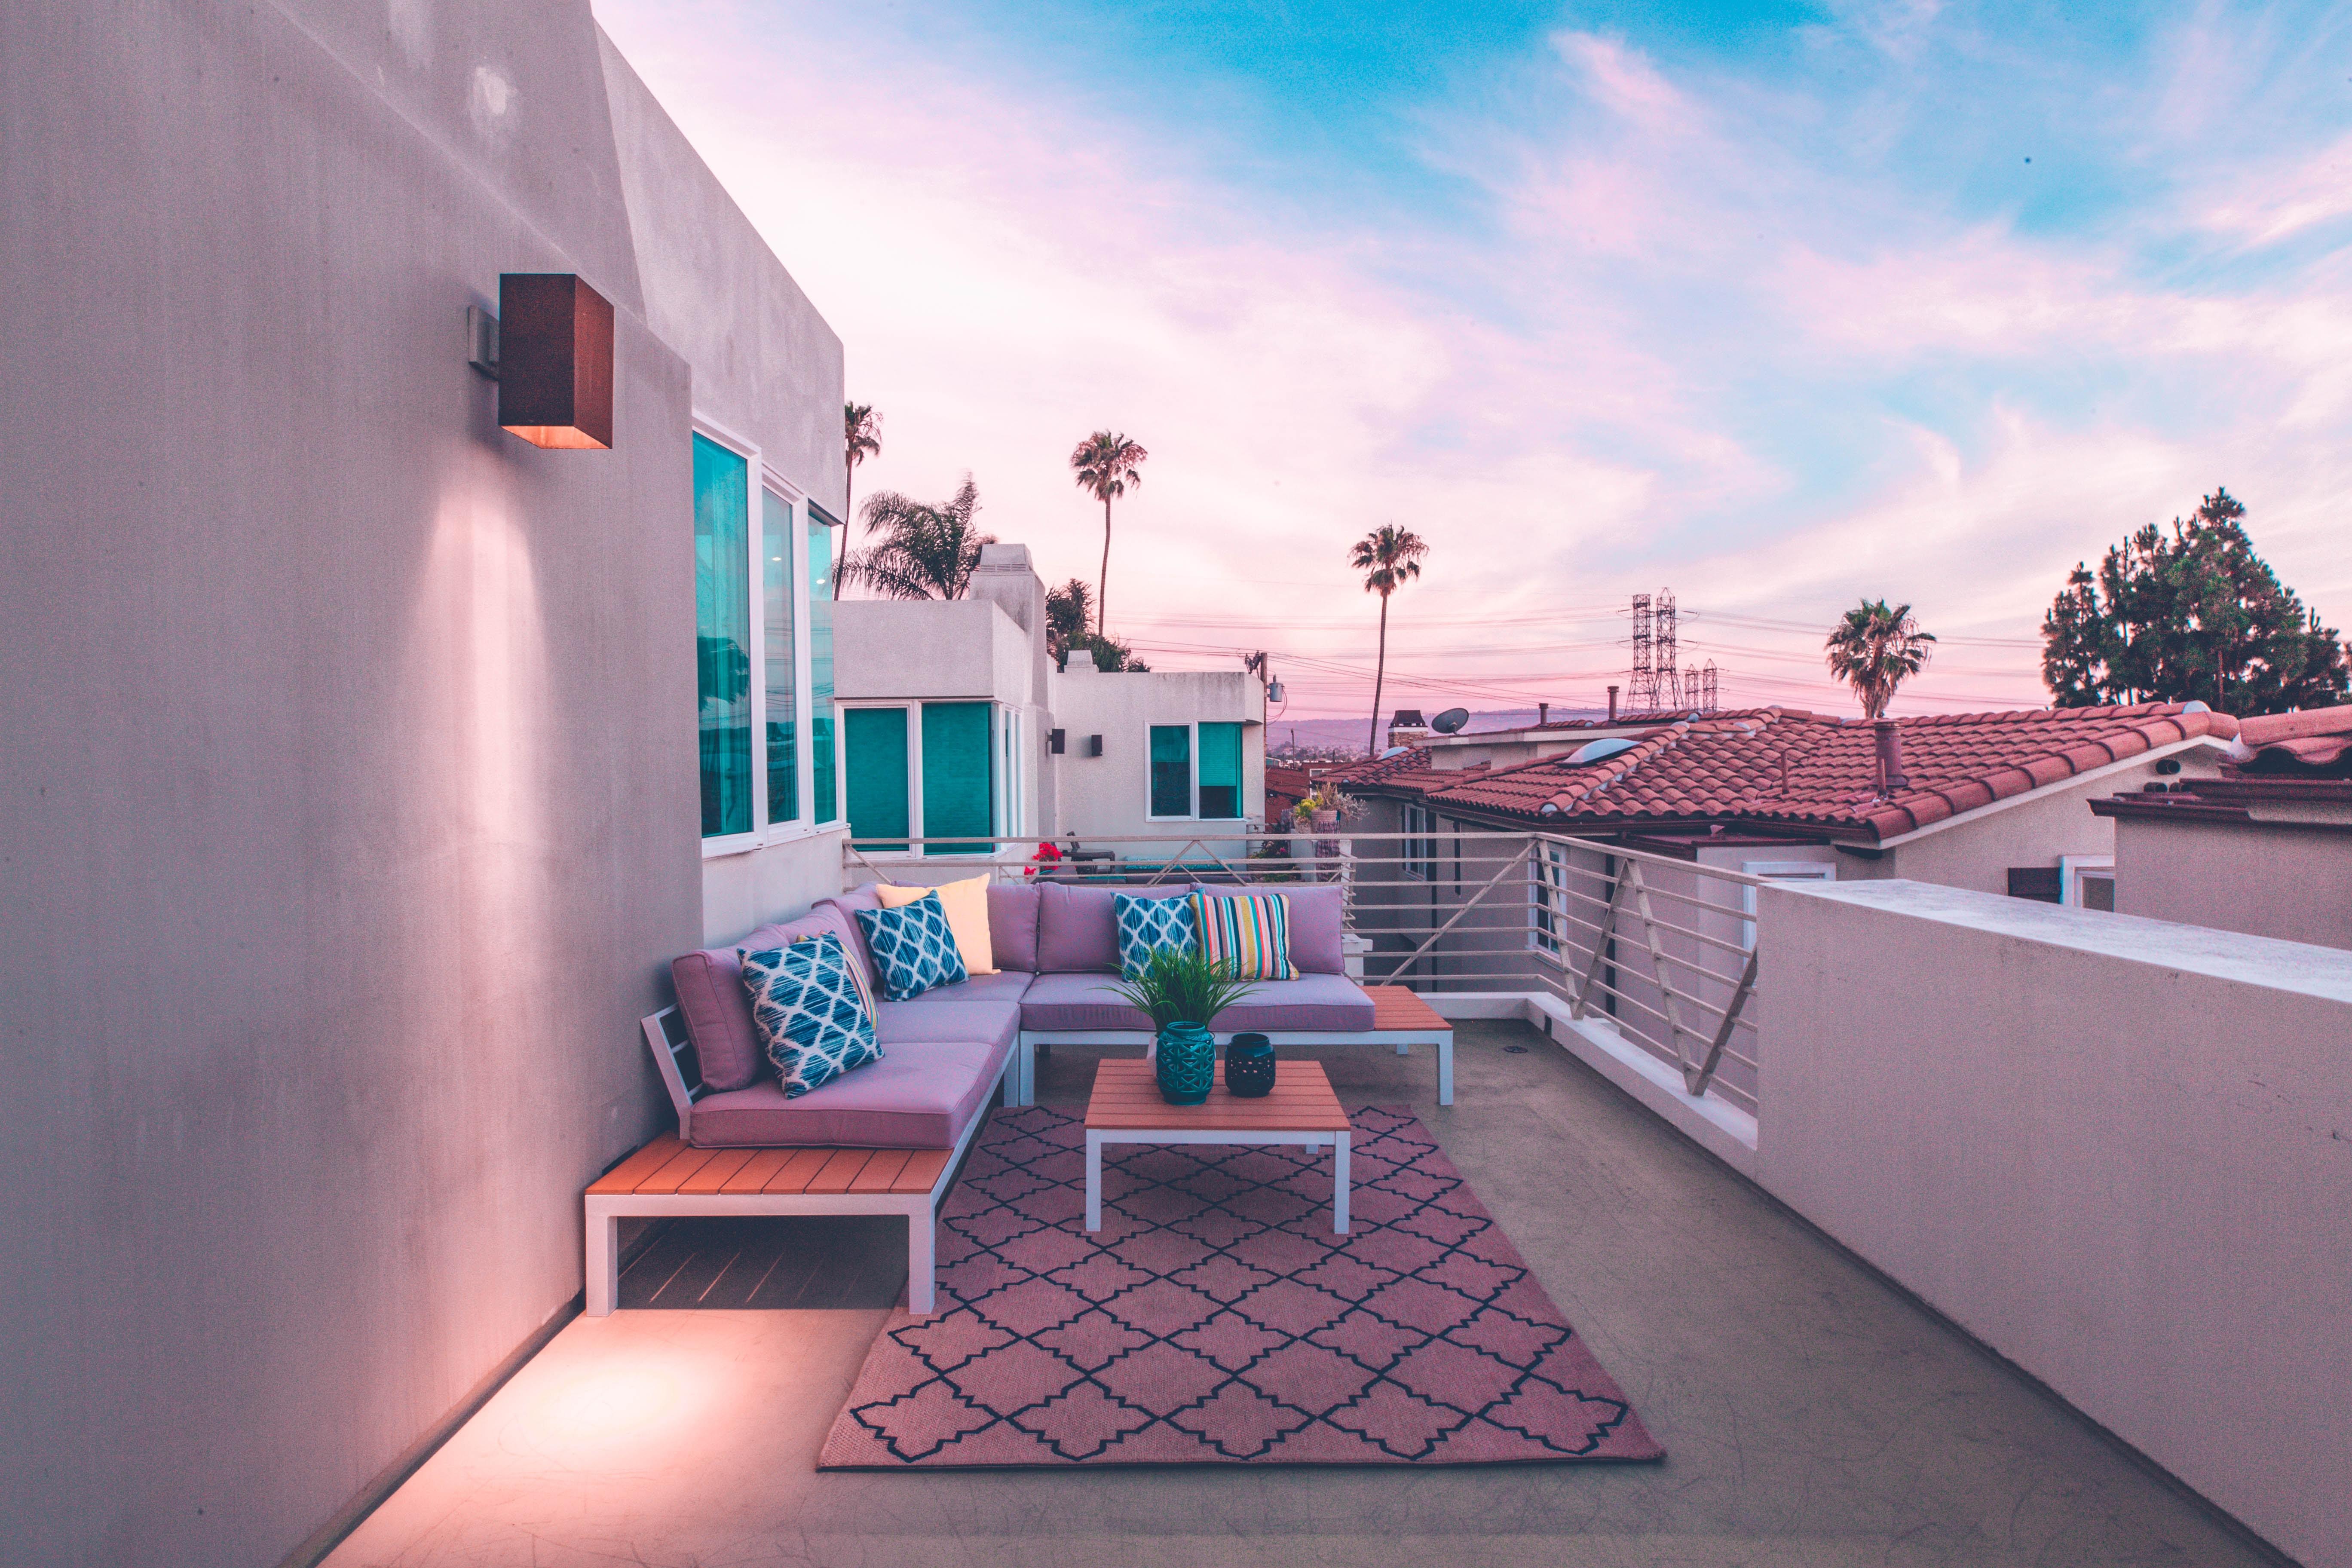 Investir dans l'immobilier : Pourquoi vous devez emprunter ?